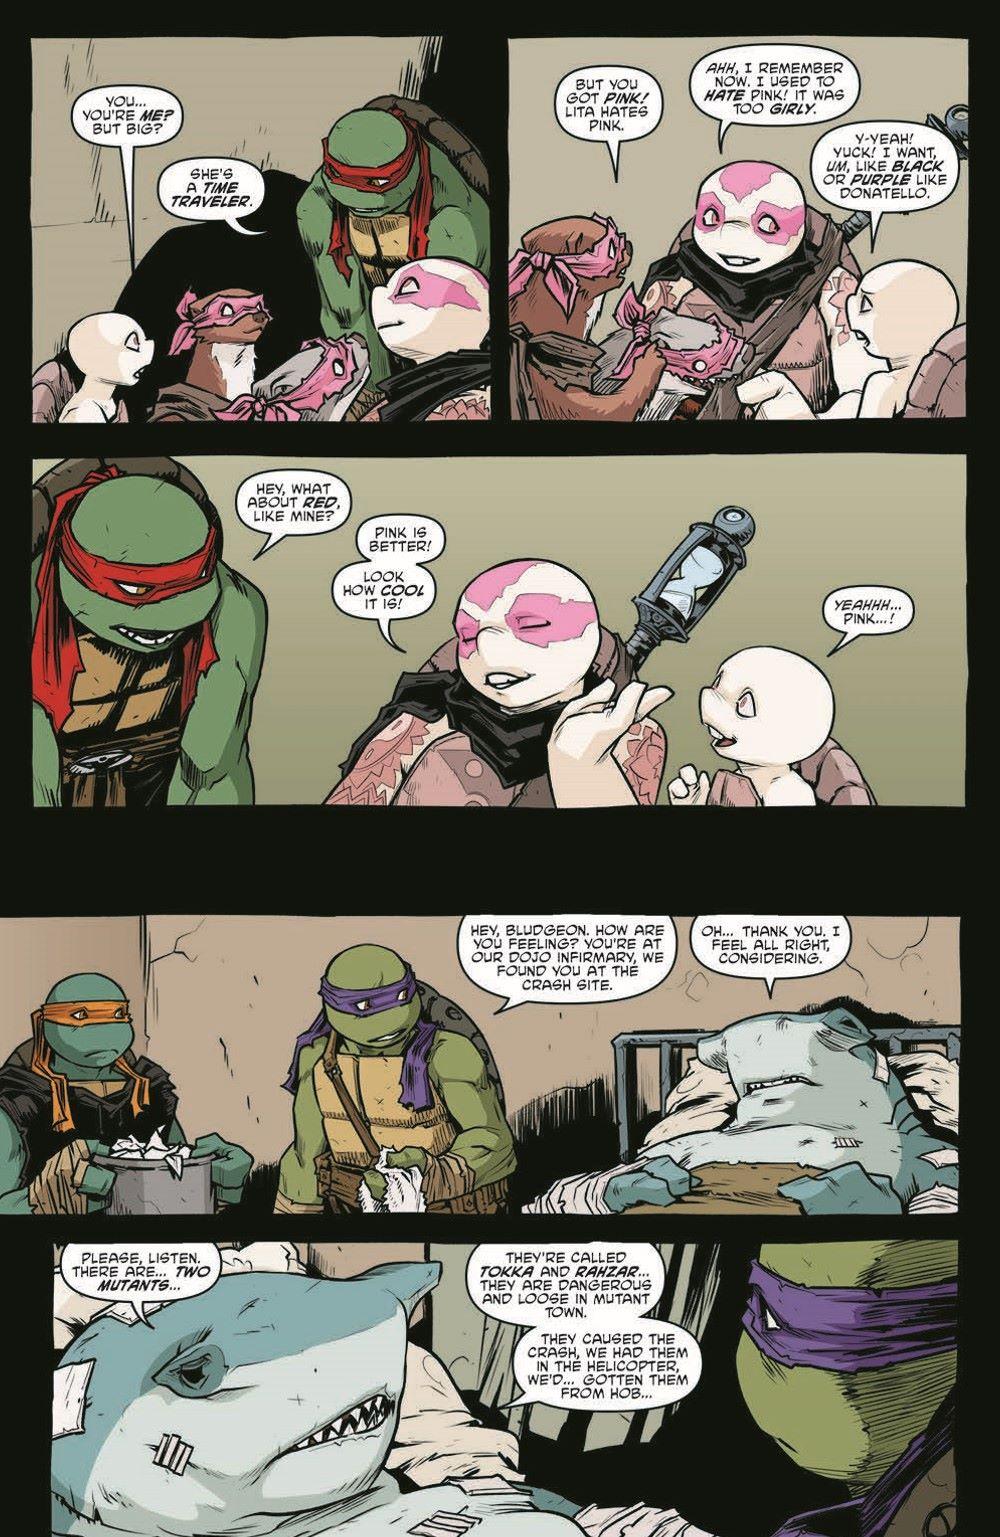 TMNT114_pr-4 ComicList Previews: TEENAGE MUTANT NINJA TURTLES #114